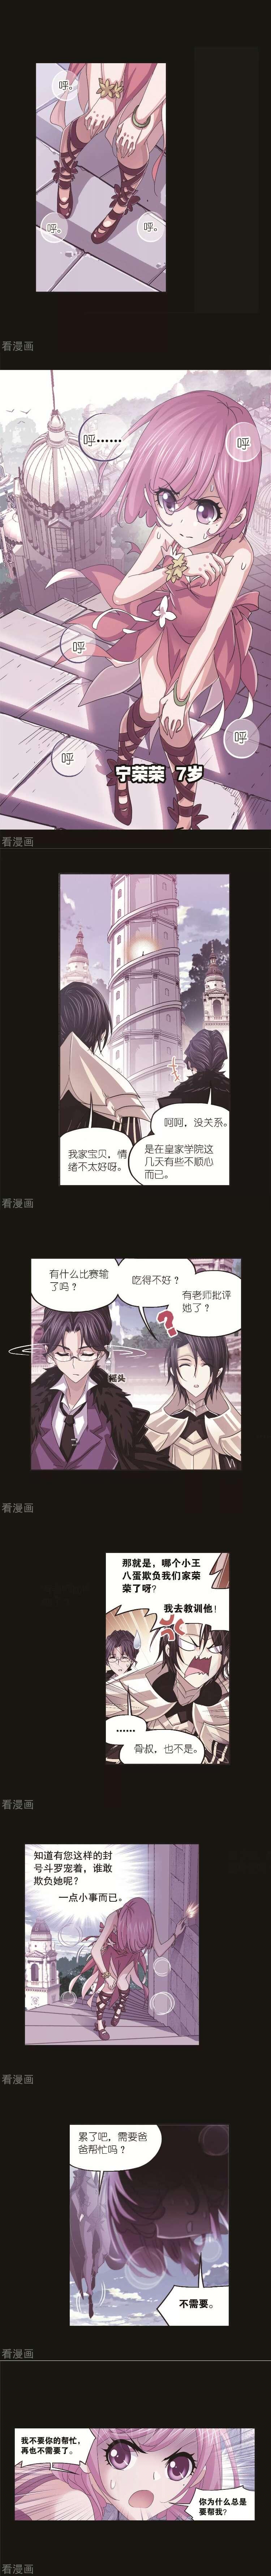 【漫画更新】斗罗大陆一  711